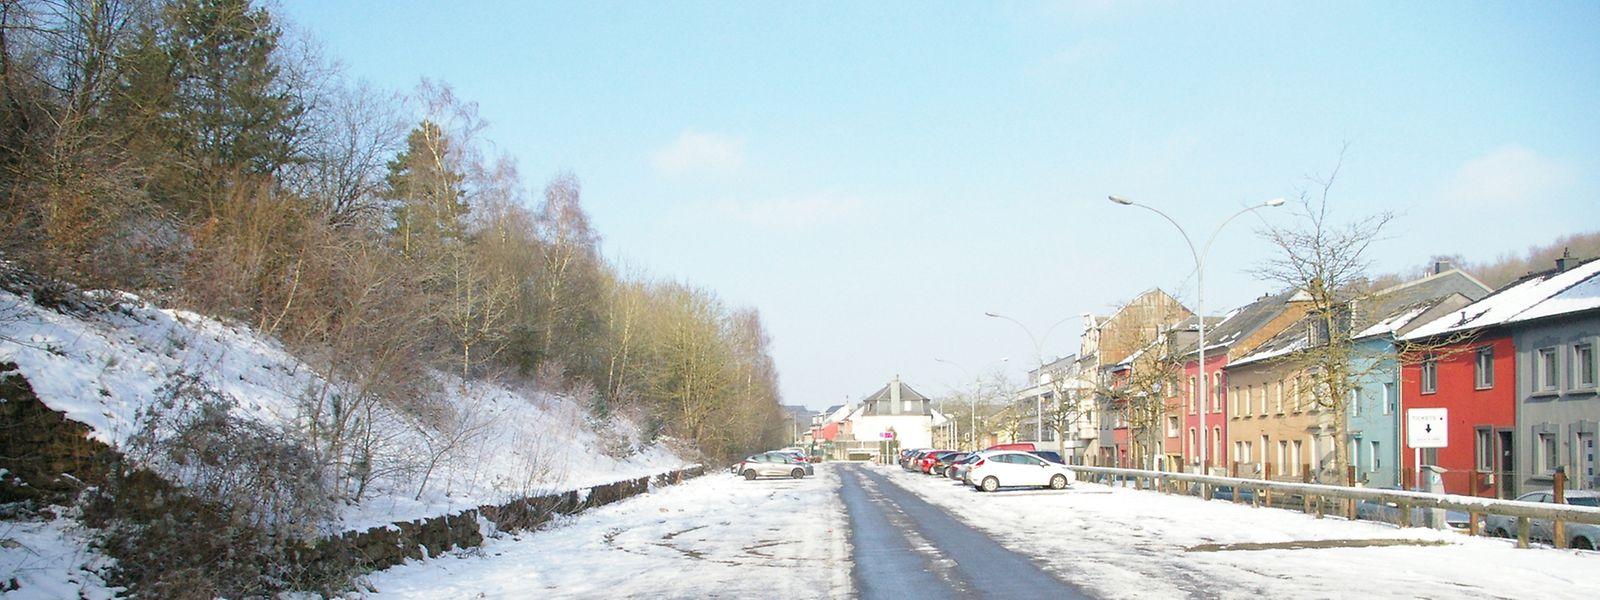 Die Flüchtlingsstruktur soll am Quai Neudorf entstehen. Wie Bürgermeisterin Vera Spautz erklärte, soll der Parkplatz aber bestehen bleiben.